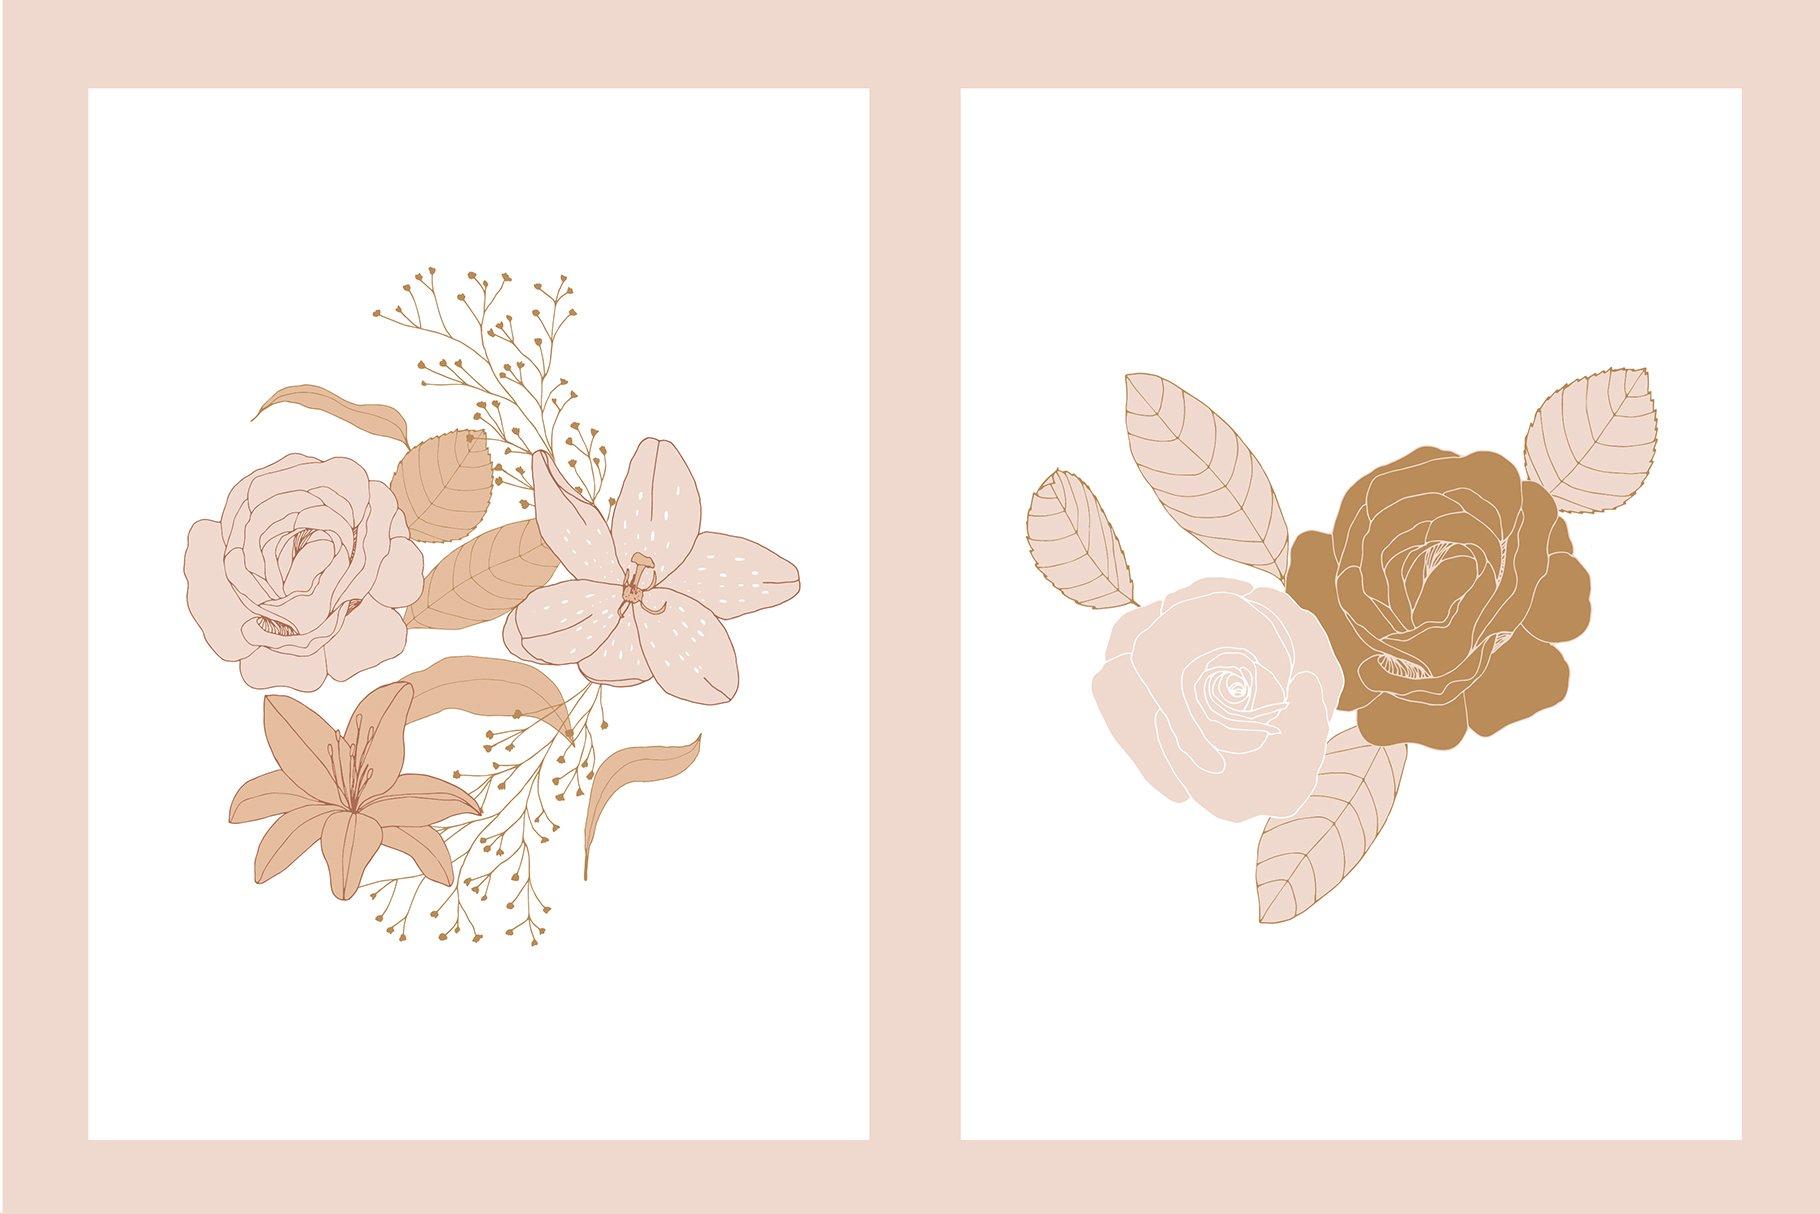 手绘盛开花卉花朵矢量无缝隙图案素材 Blooming Garden Floral Patterns插图(13)